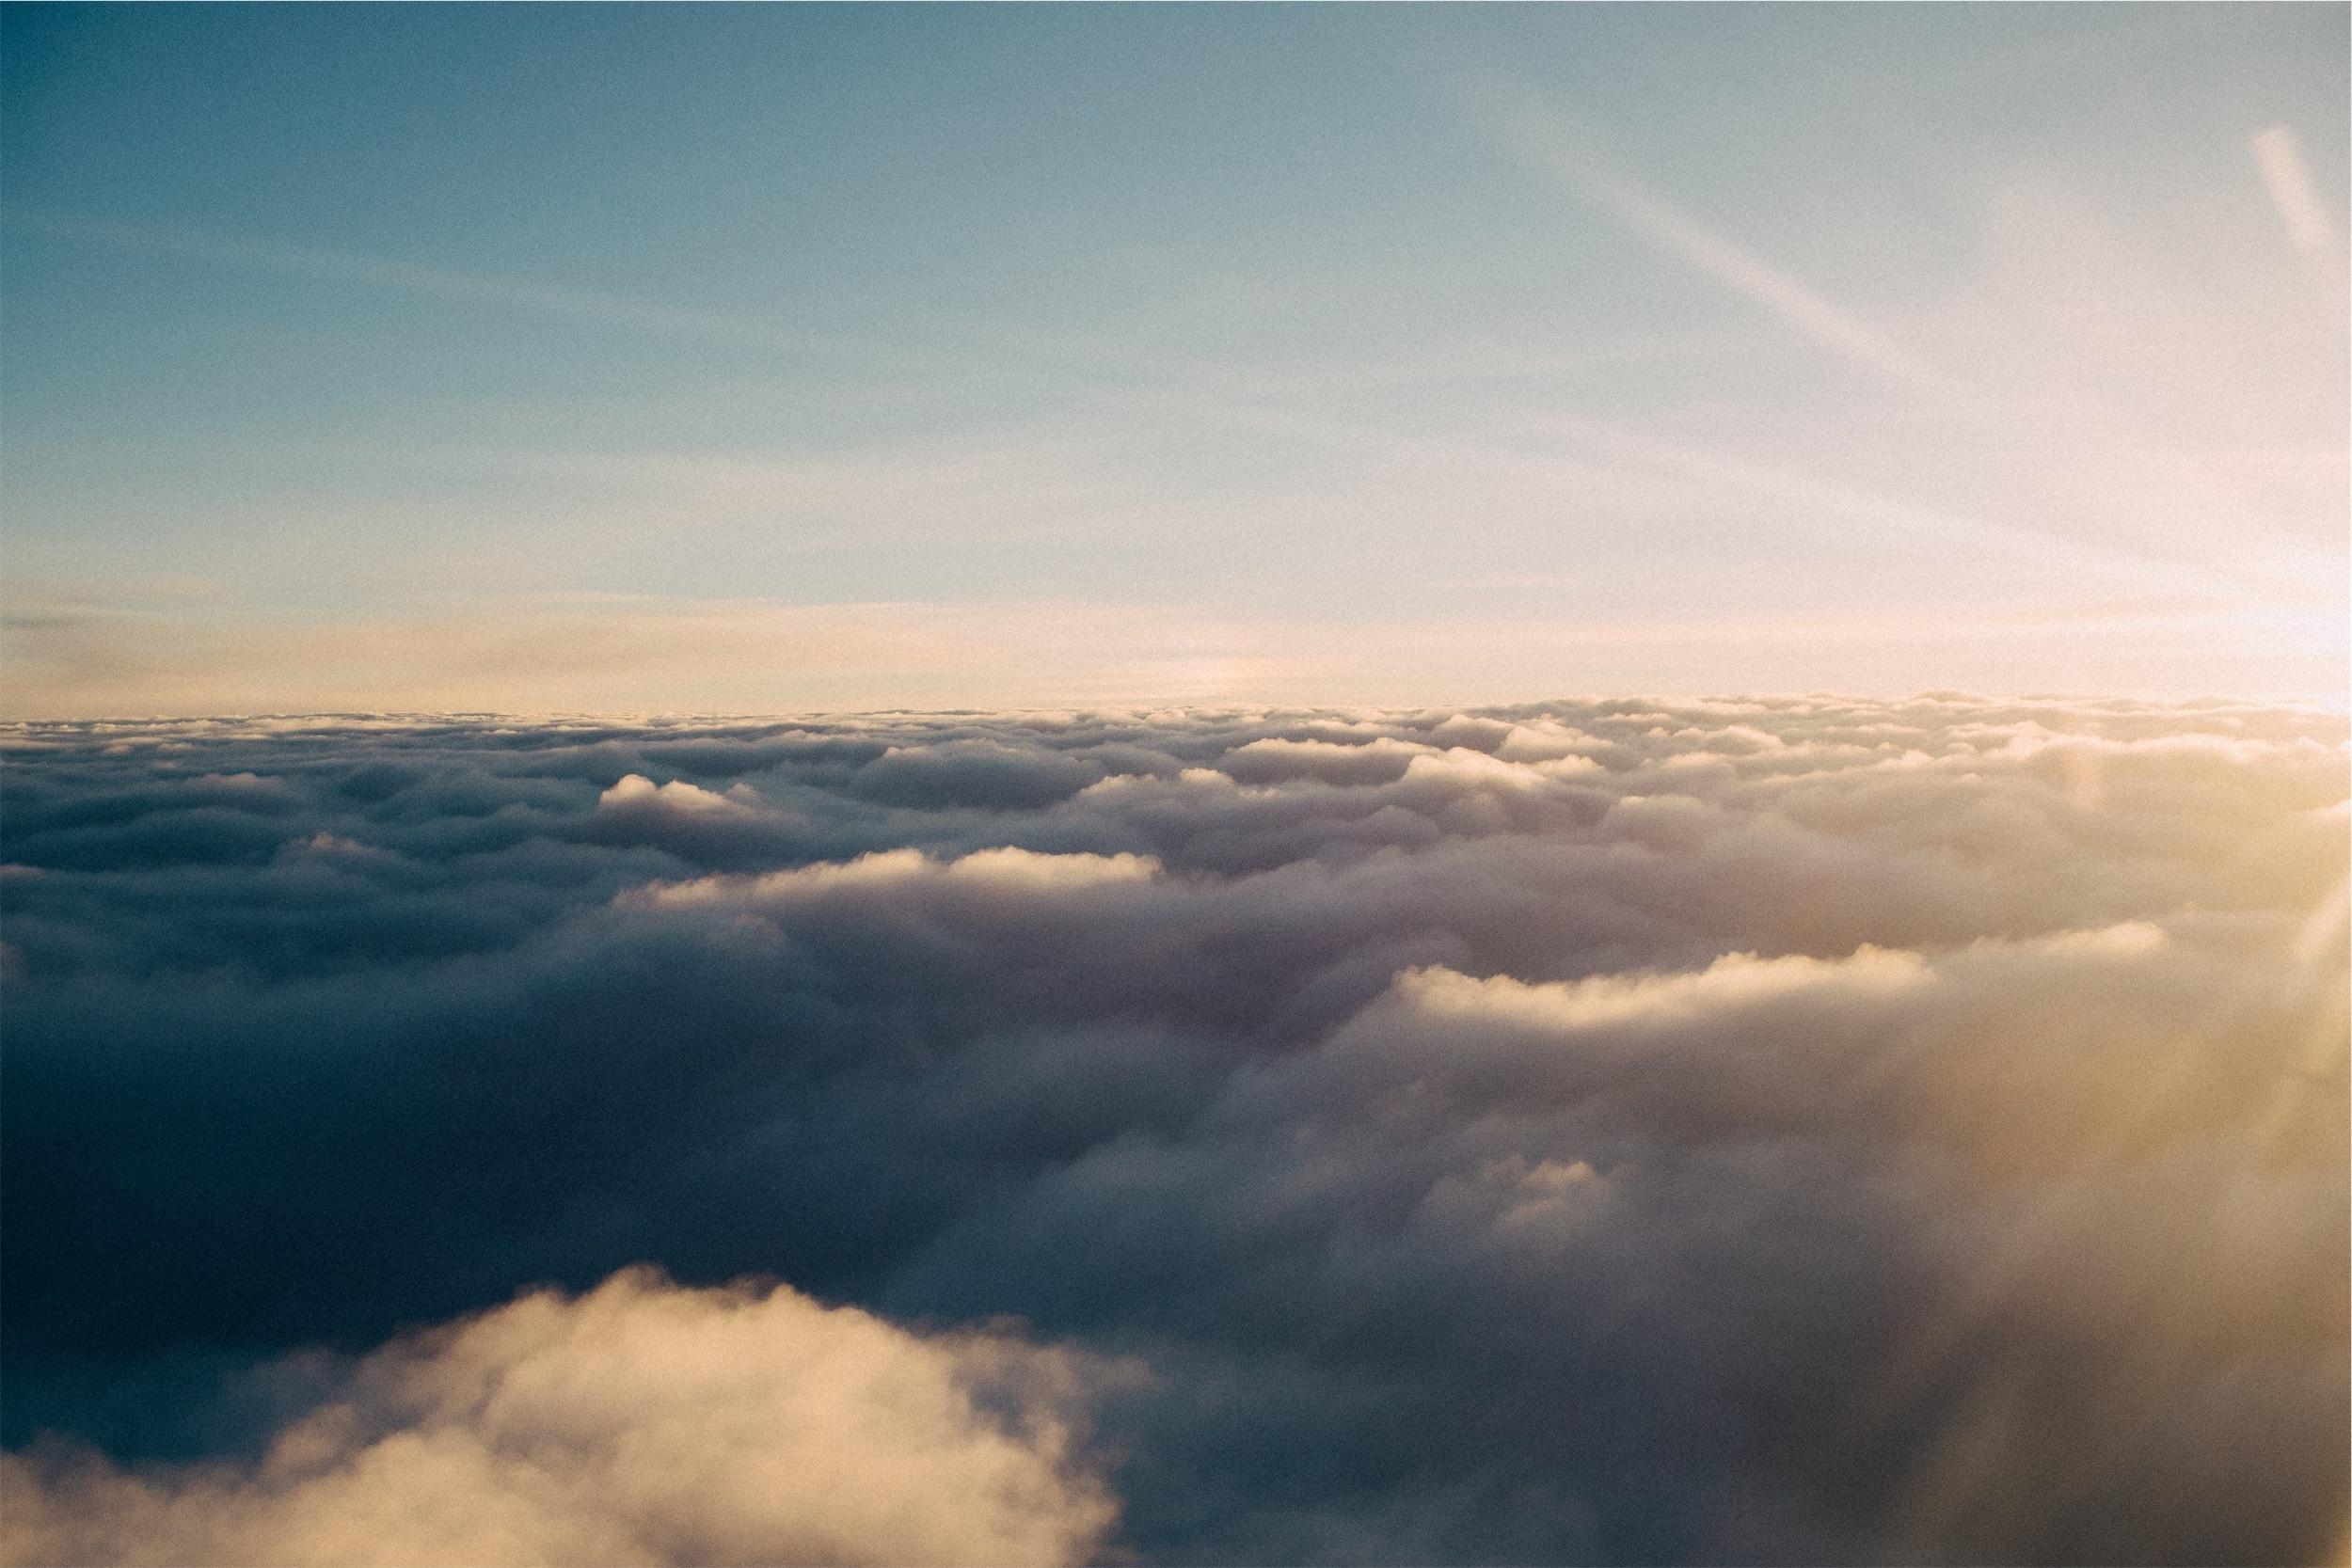 Clouds-Darling_escapes.jpeg